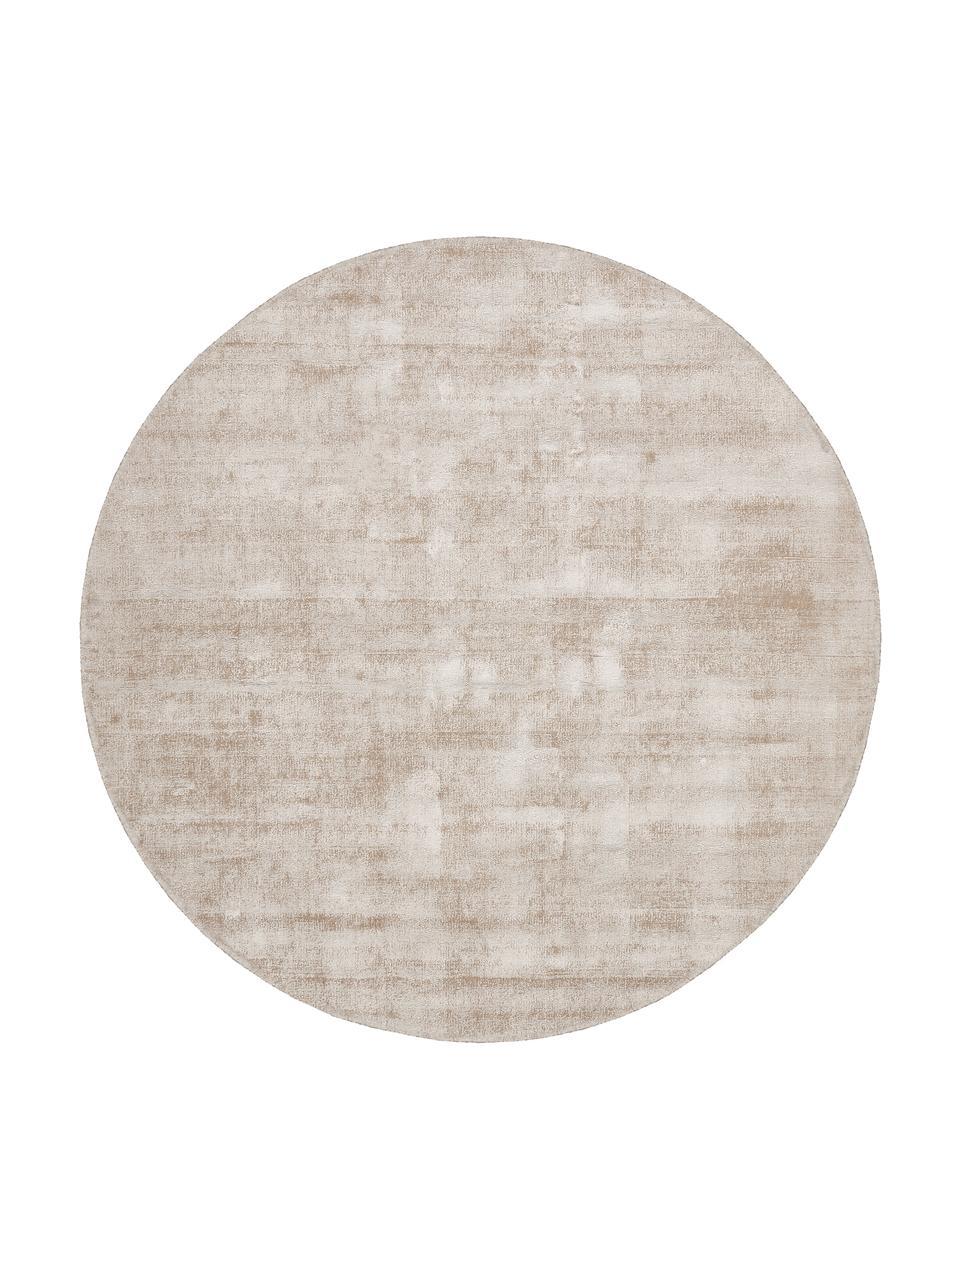 Runder Viskoseteppich Jane in Beige, handgewebt, Flor: 100% Viskose, Beige, Ø 115 cm (Größe S)